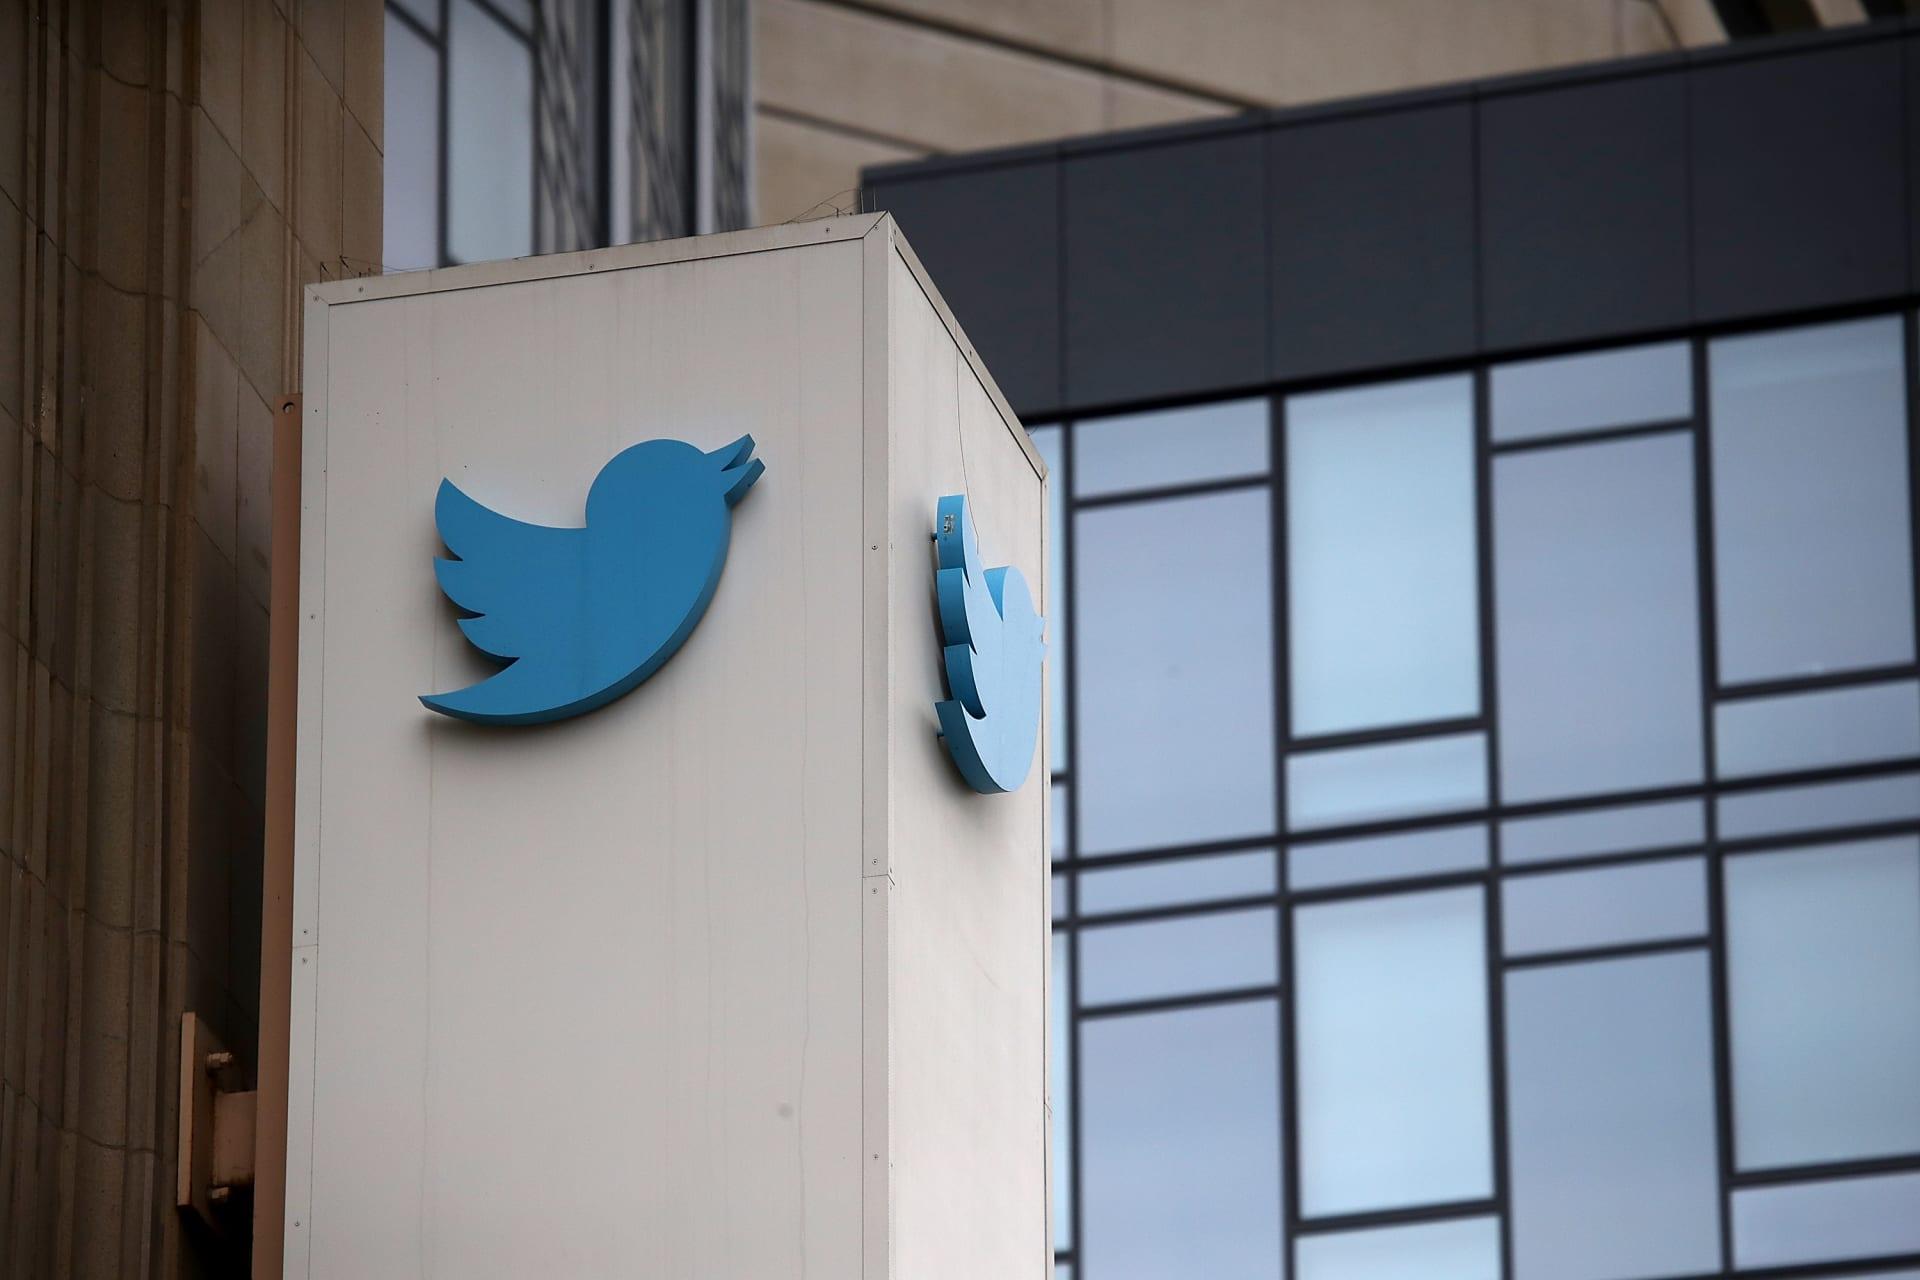 تويتر يواجه غرامة بـ250 مليون دولار لاستخدامه بيانات المستخدمين واستهداف الإعلانات